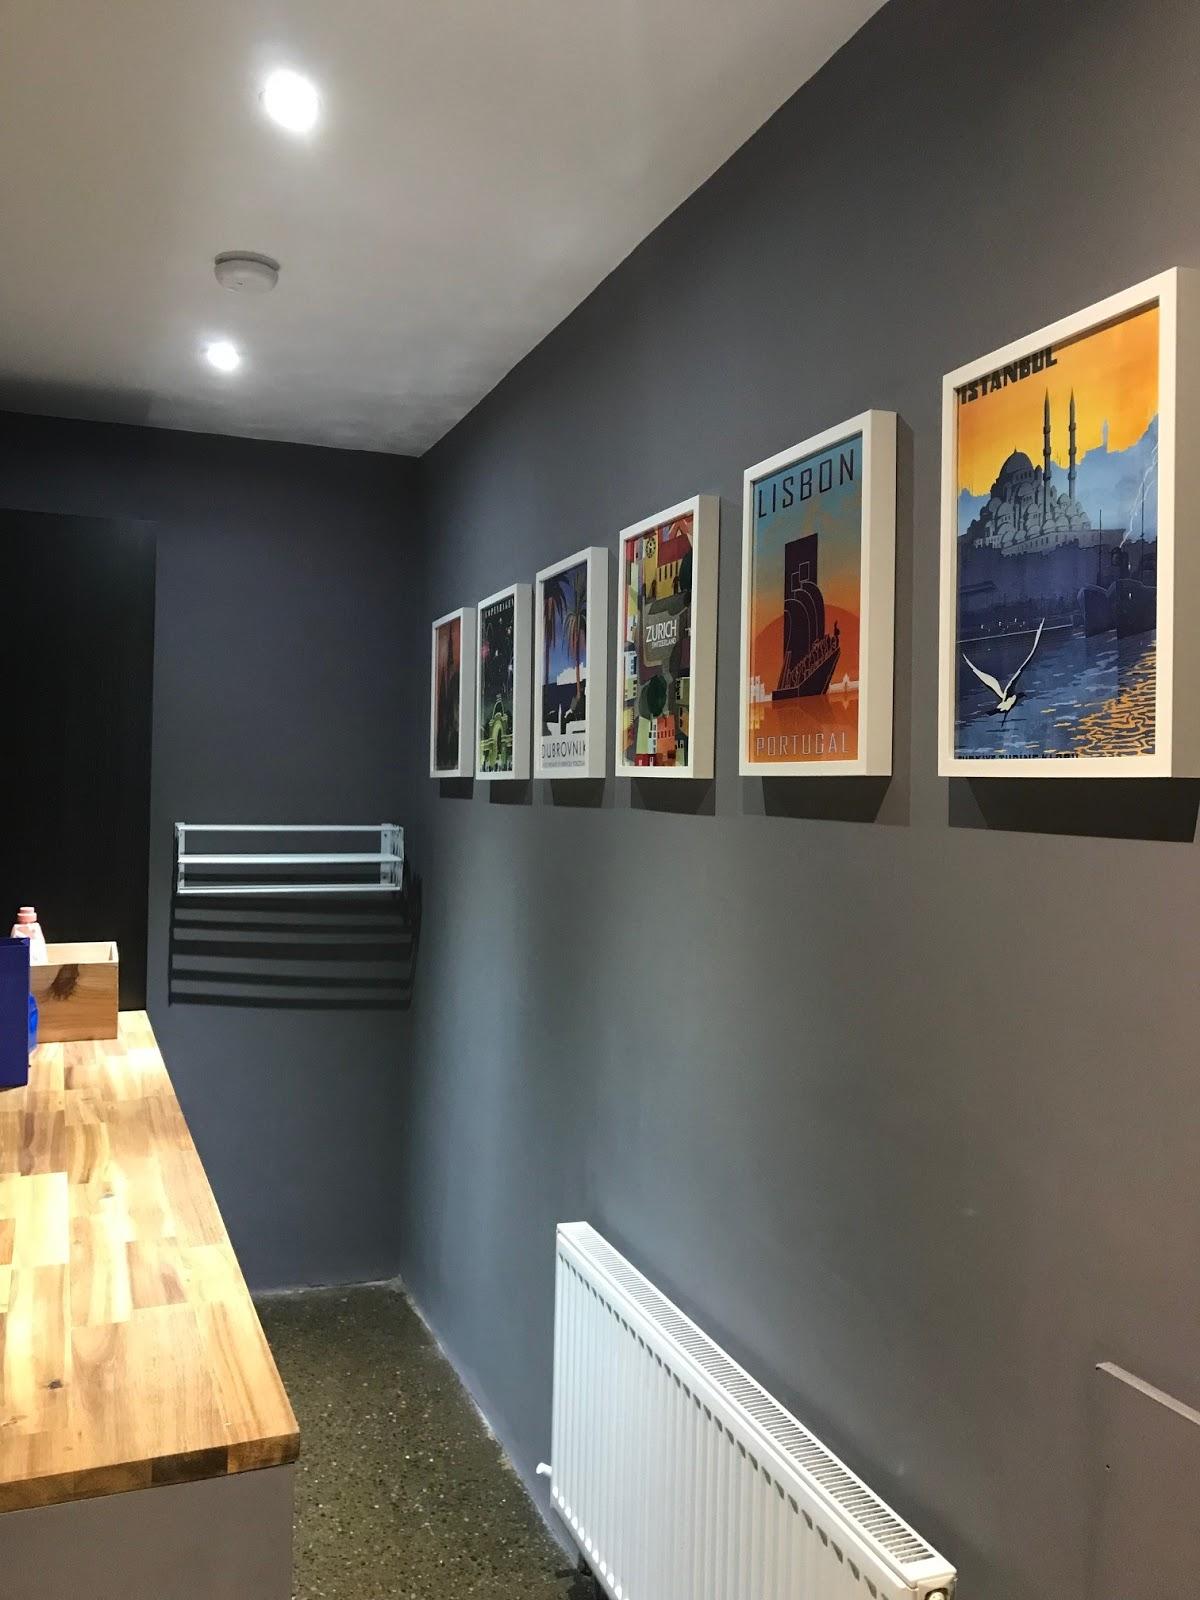 Art Framed & Hung